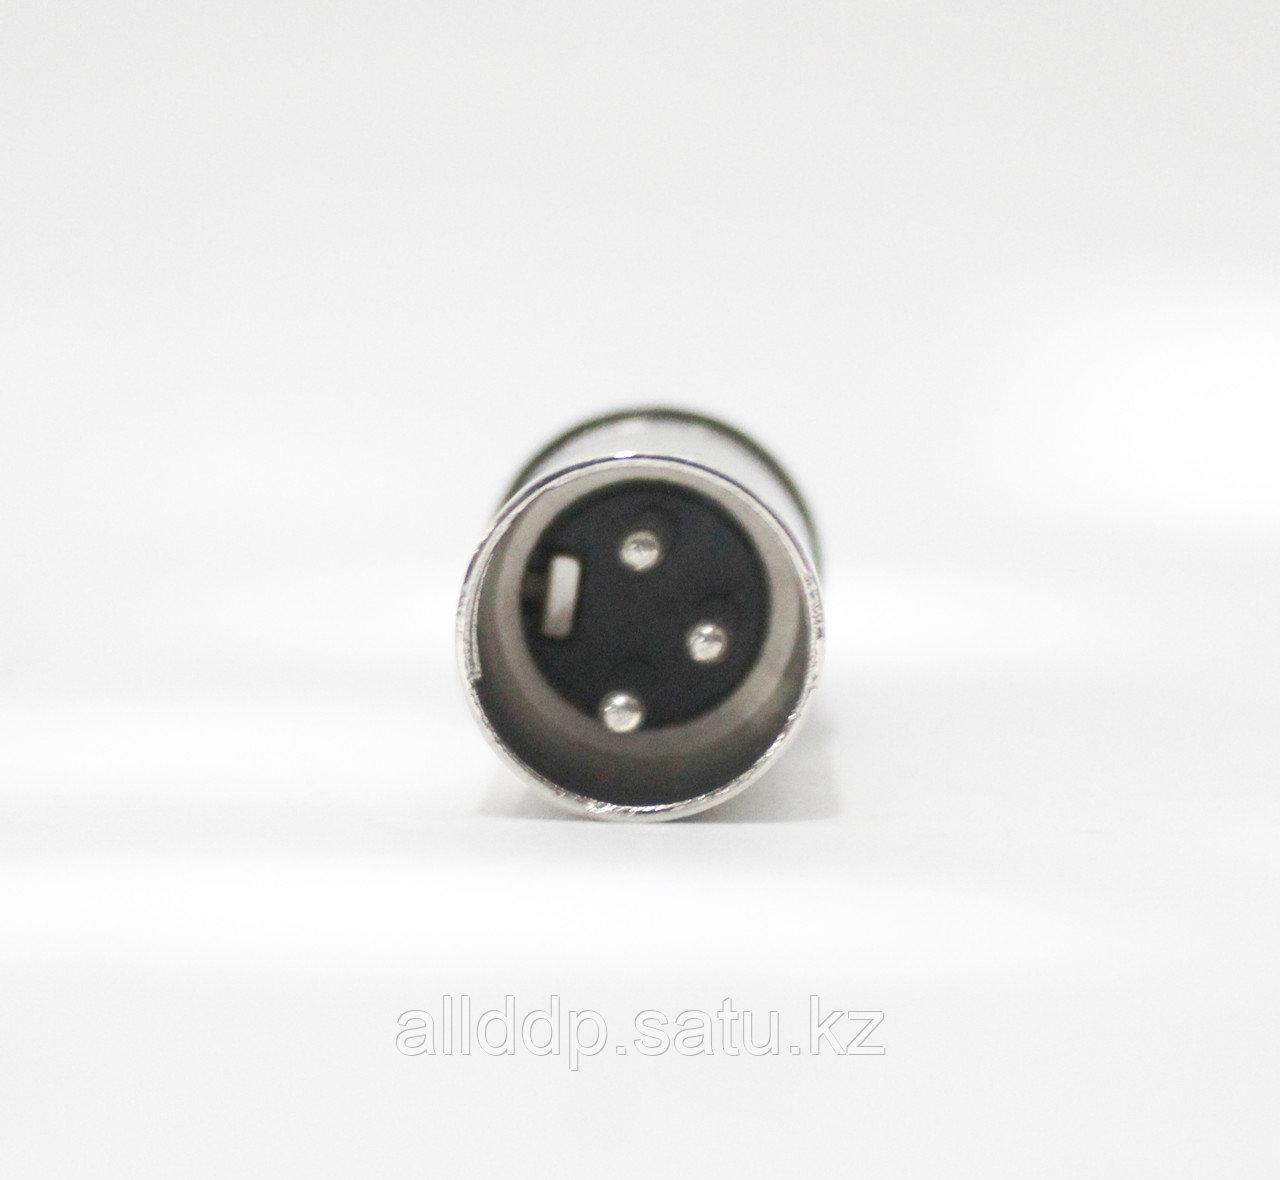 Разъём XLR (Canon) 3pin (штекер), под шнур